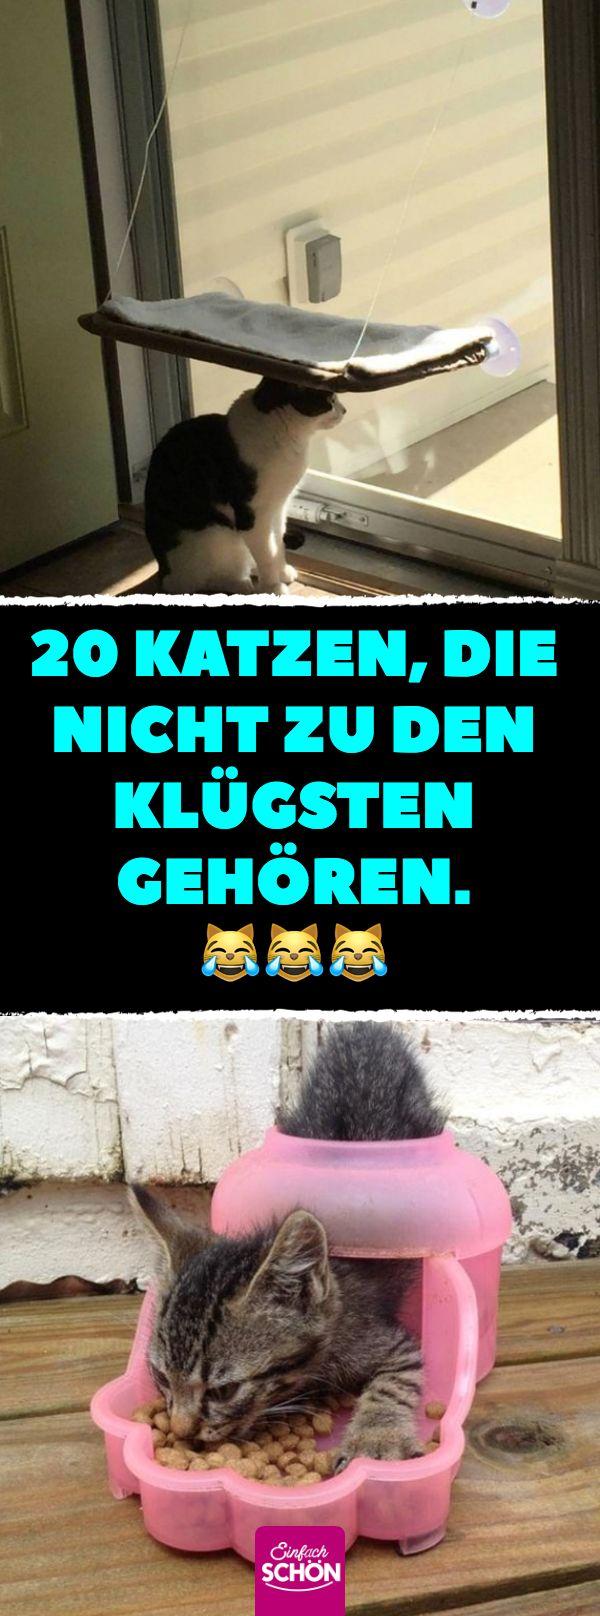 20 Katzen, die nicht zu den Klügsten gehören. #katze #katzen #klug #fail #lustig #bilder – Melek Weyor